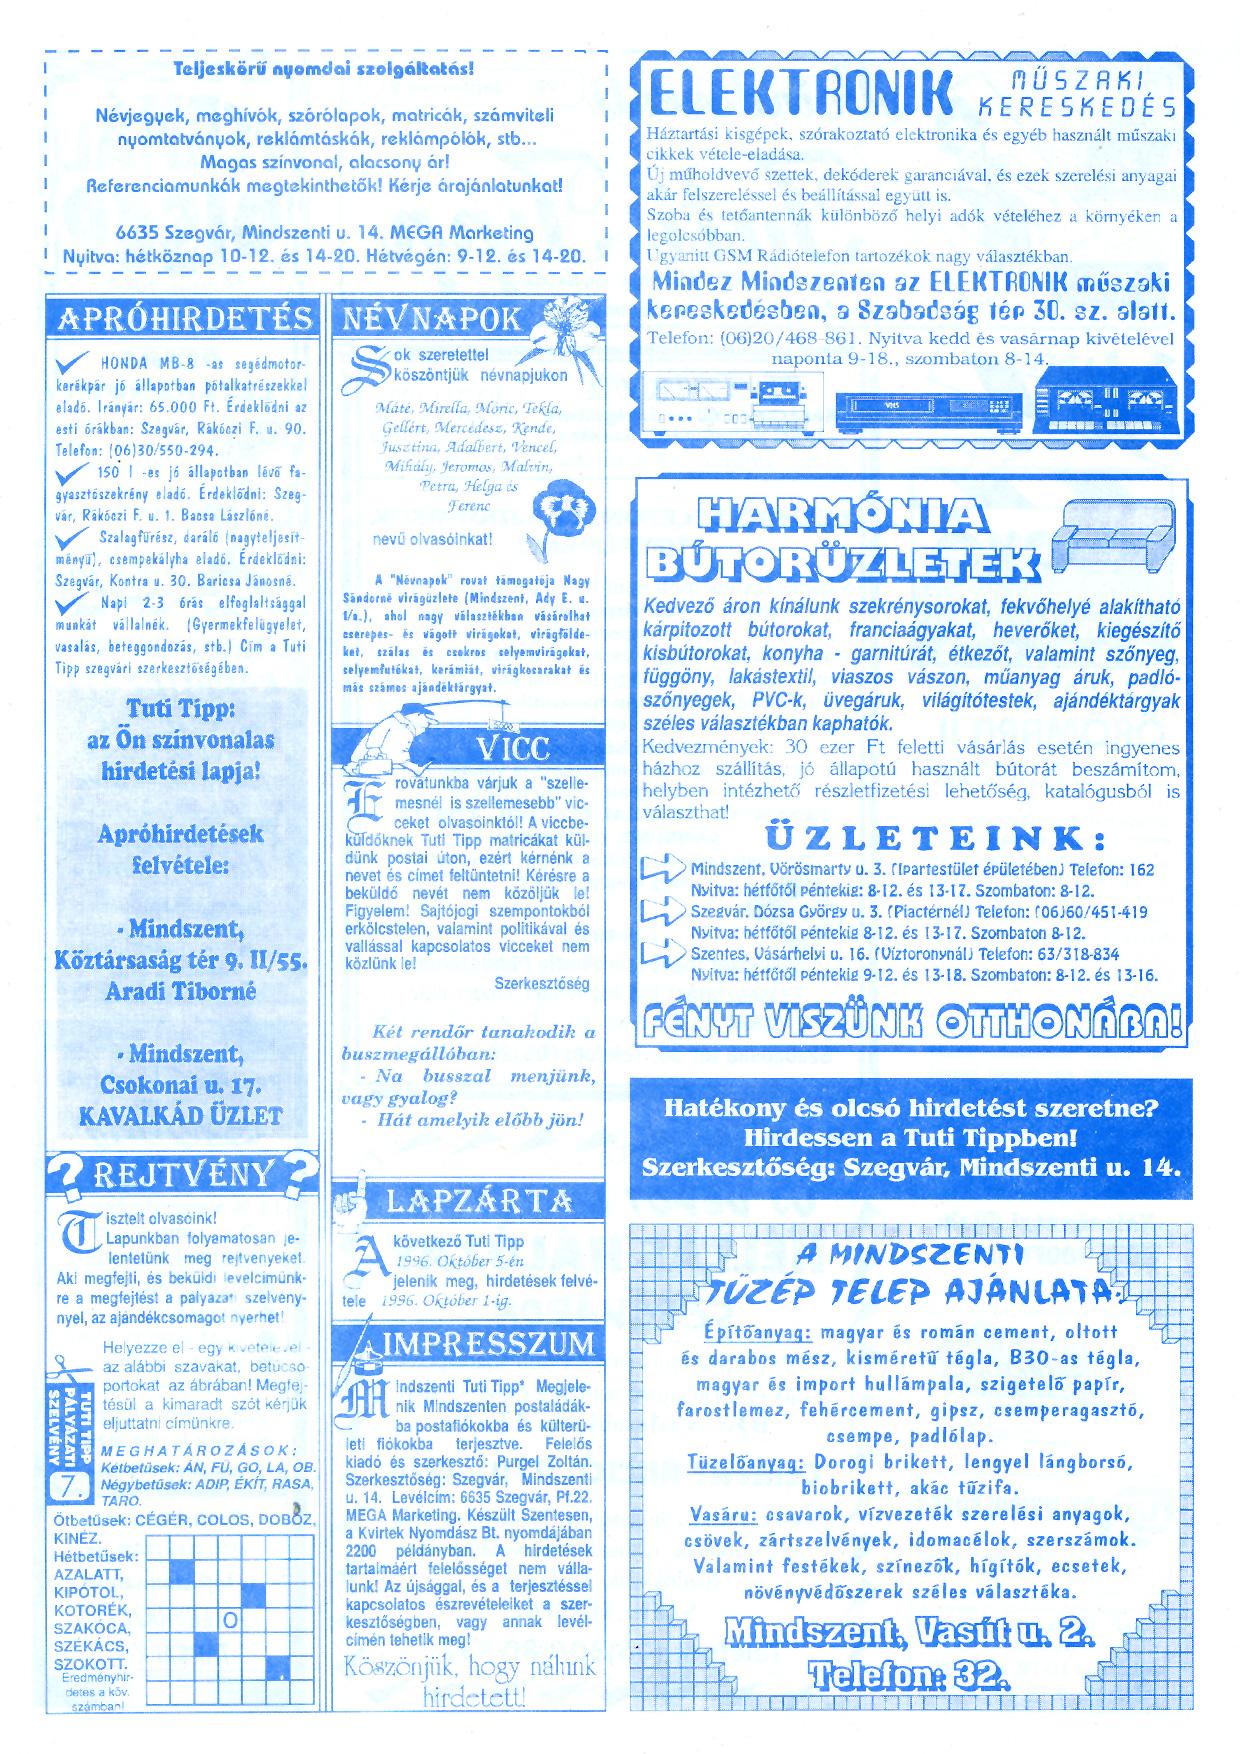 054 Mindszenti Tuti Tipp reklámújság - 19960921-007. lapszám - 2.oldal - II. évfolyam.jpg